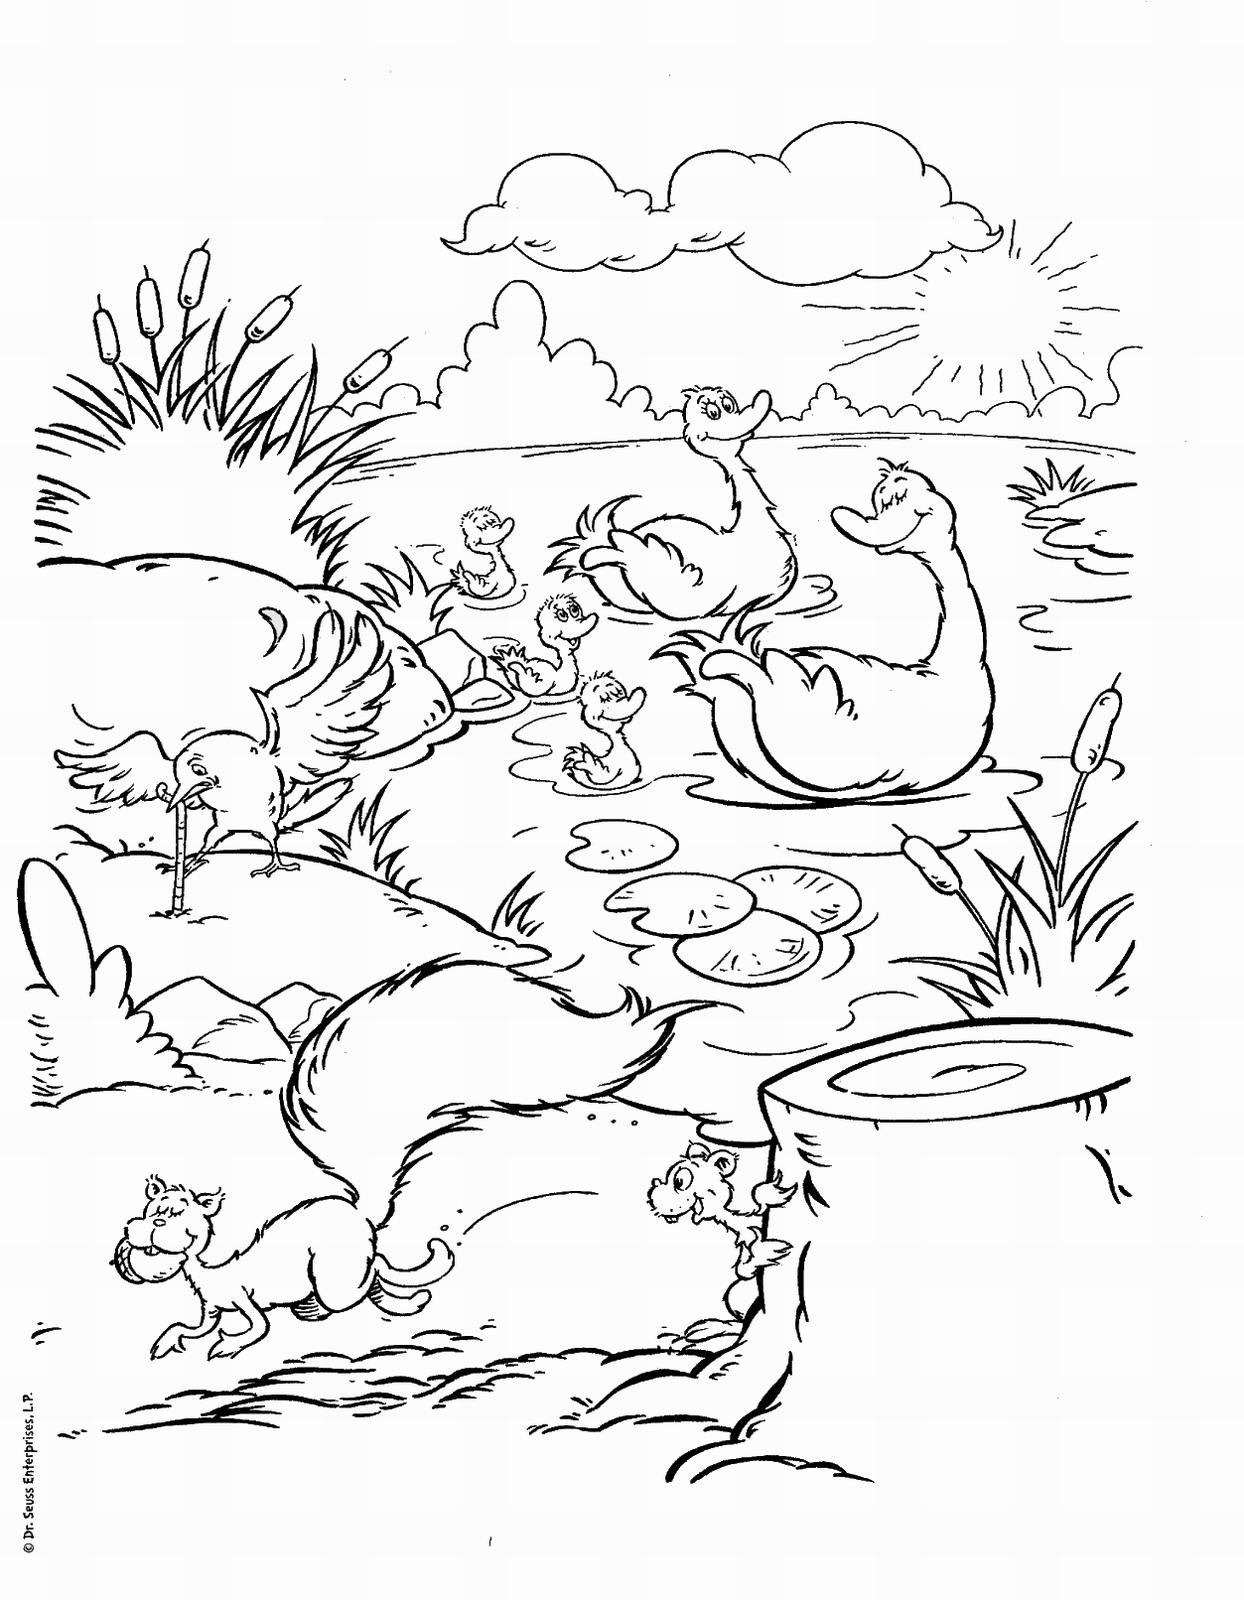 dr seuss printable coloring pages - Dr Seuss Printable Coloring Pages